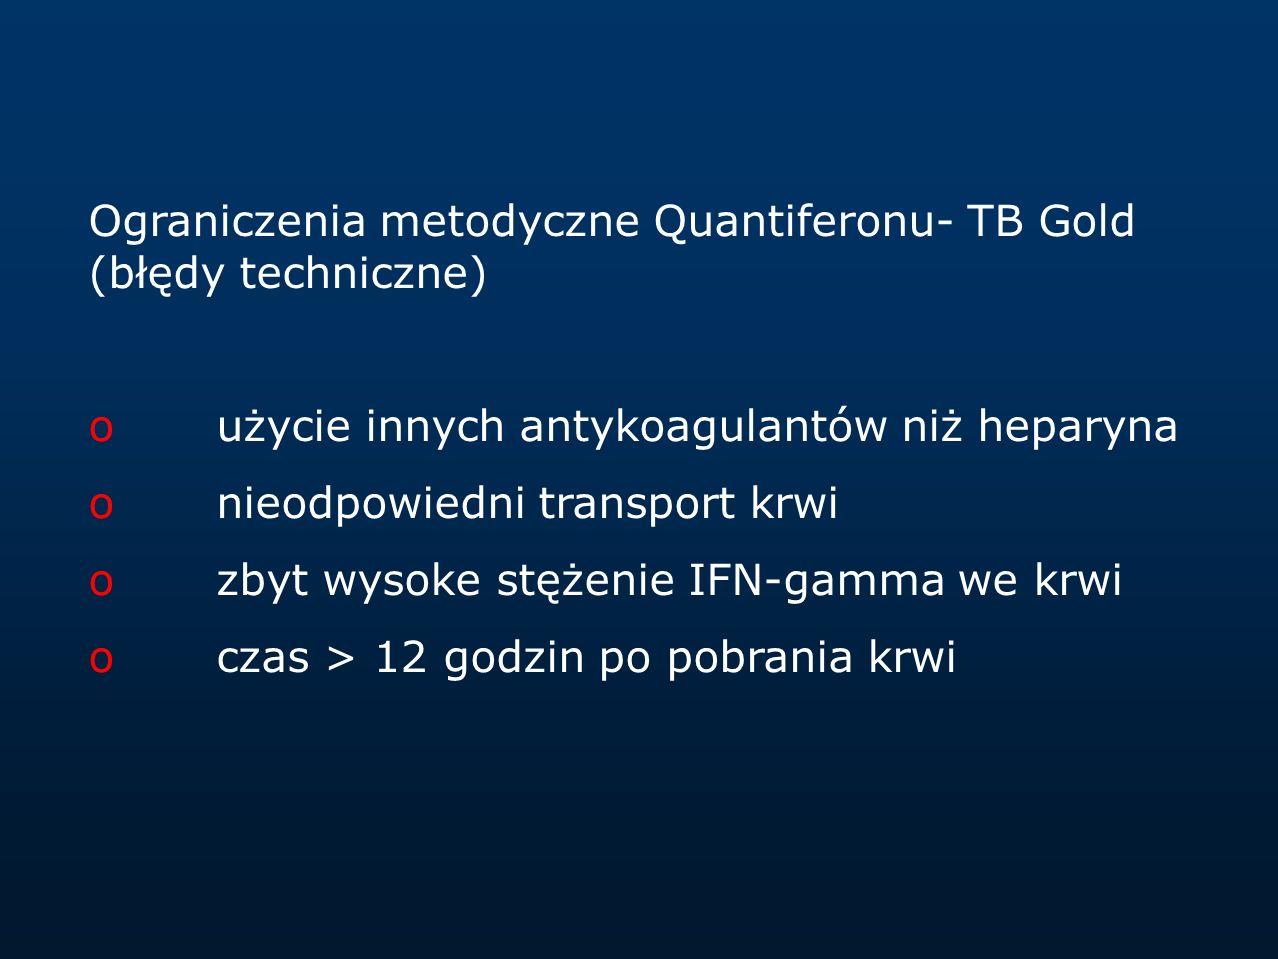 Ograniczenia metodyczne Quantiferonu- TB Gold (błędy techniczne)